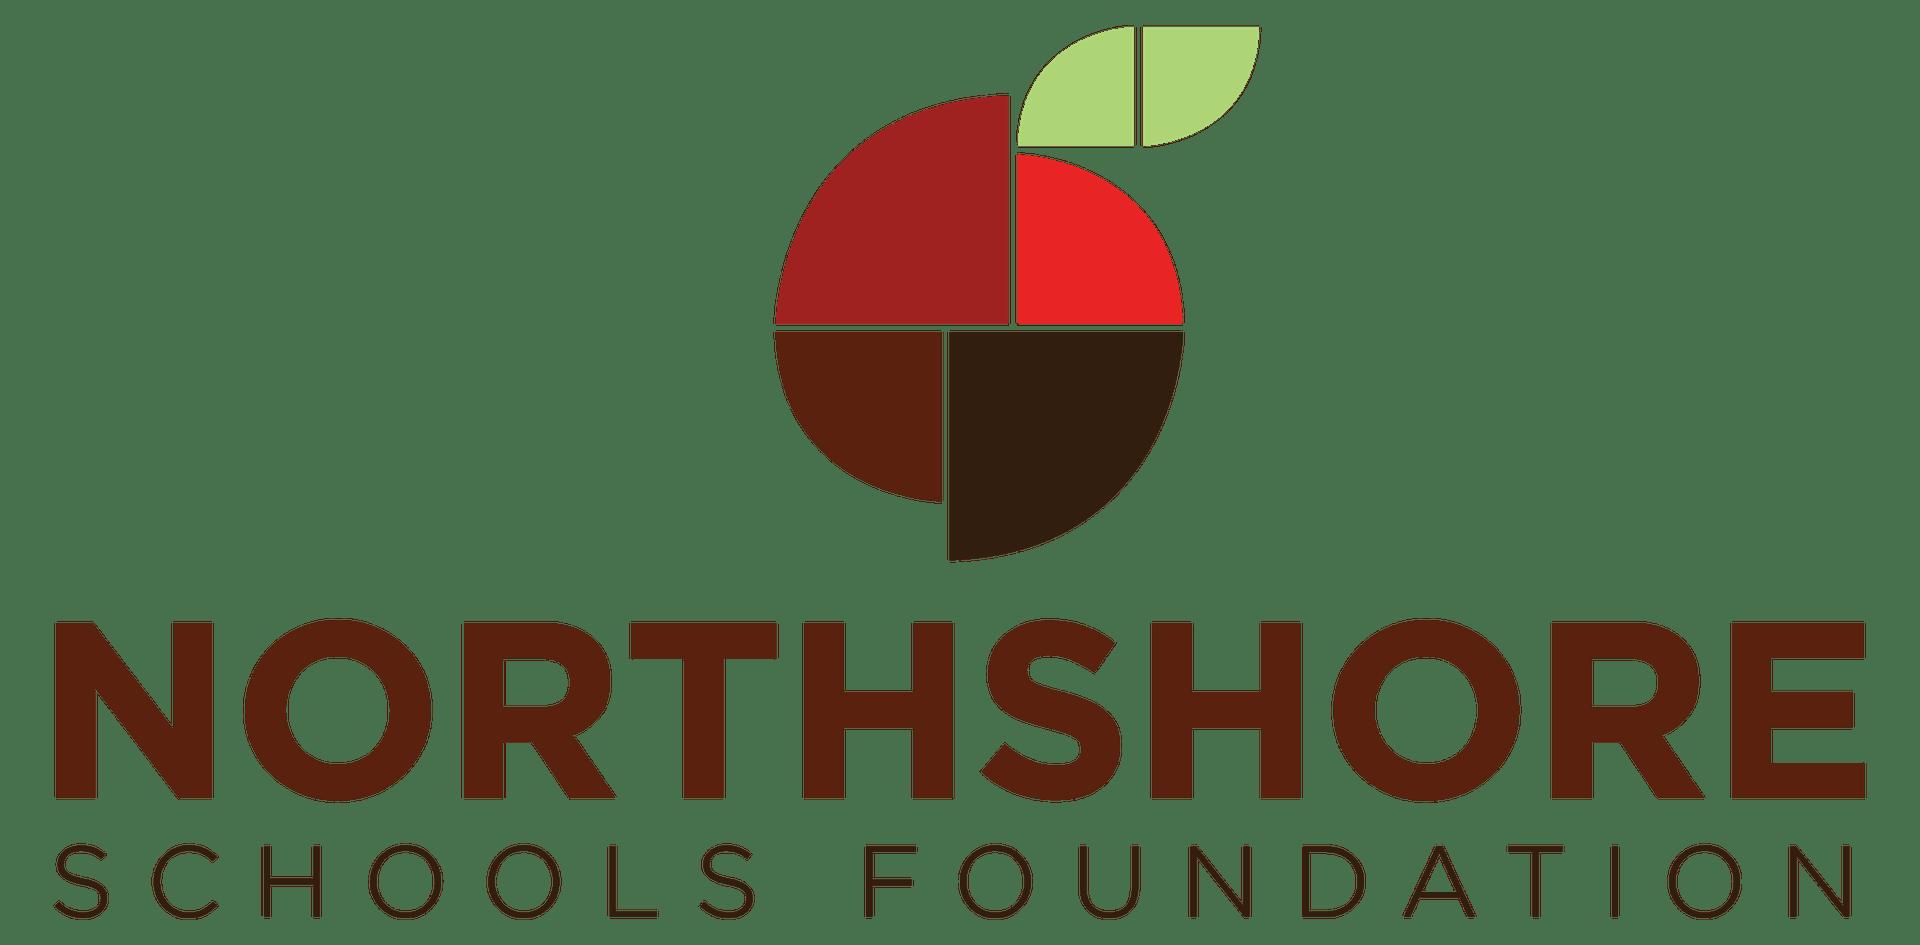 Northshore Schools Foundation Logo